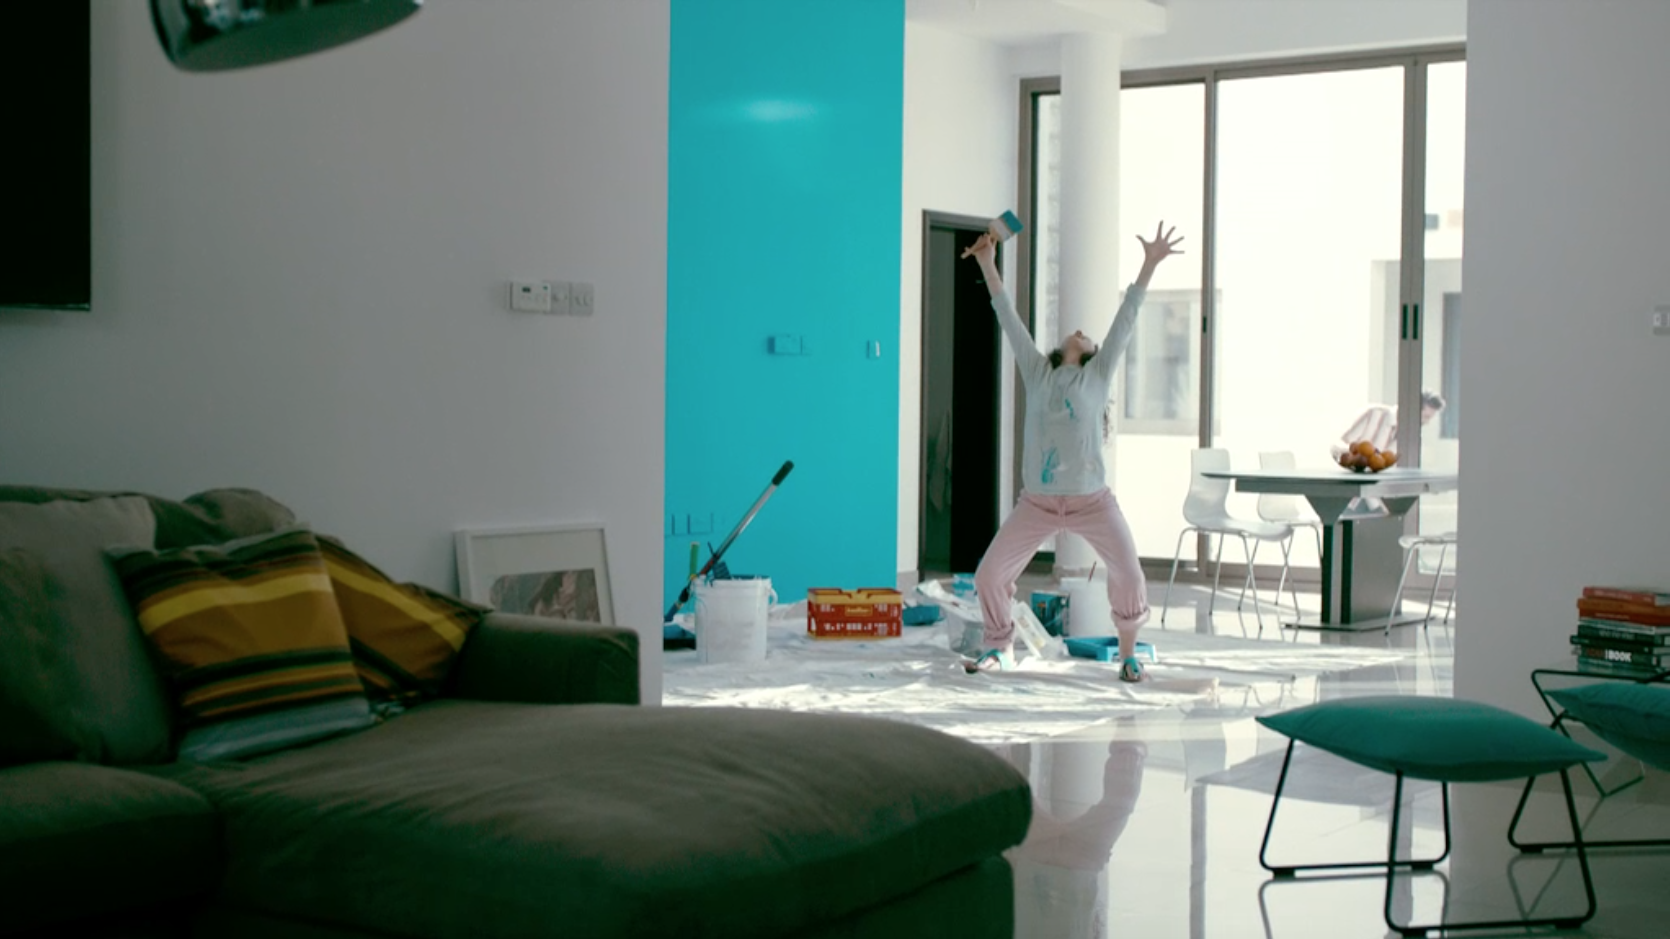 20150429 APG Markenwerkstatt Ping-Pong statt Hide and Seek - Beitragsbild1